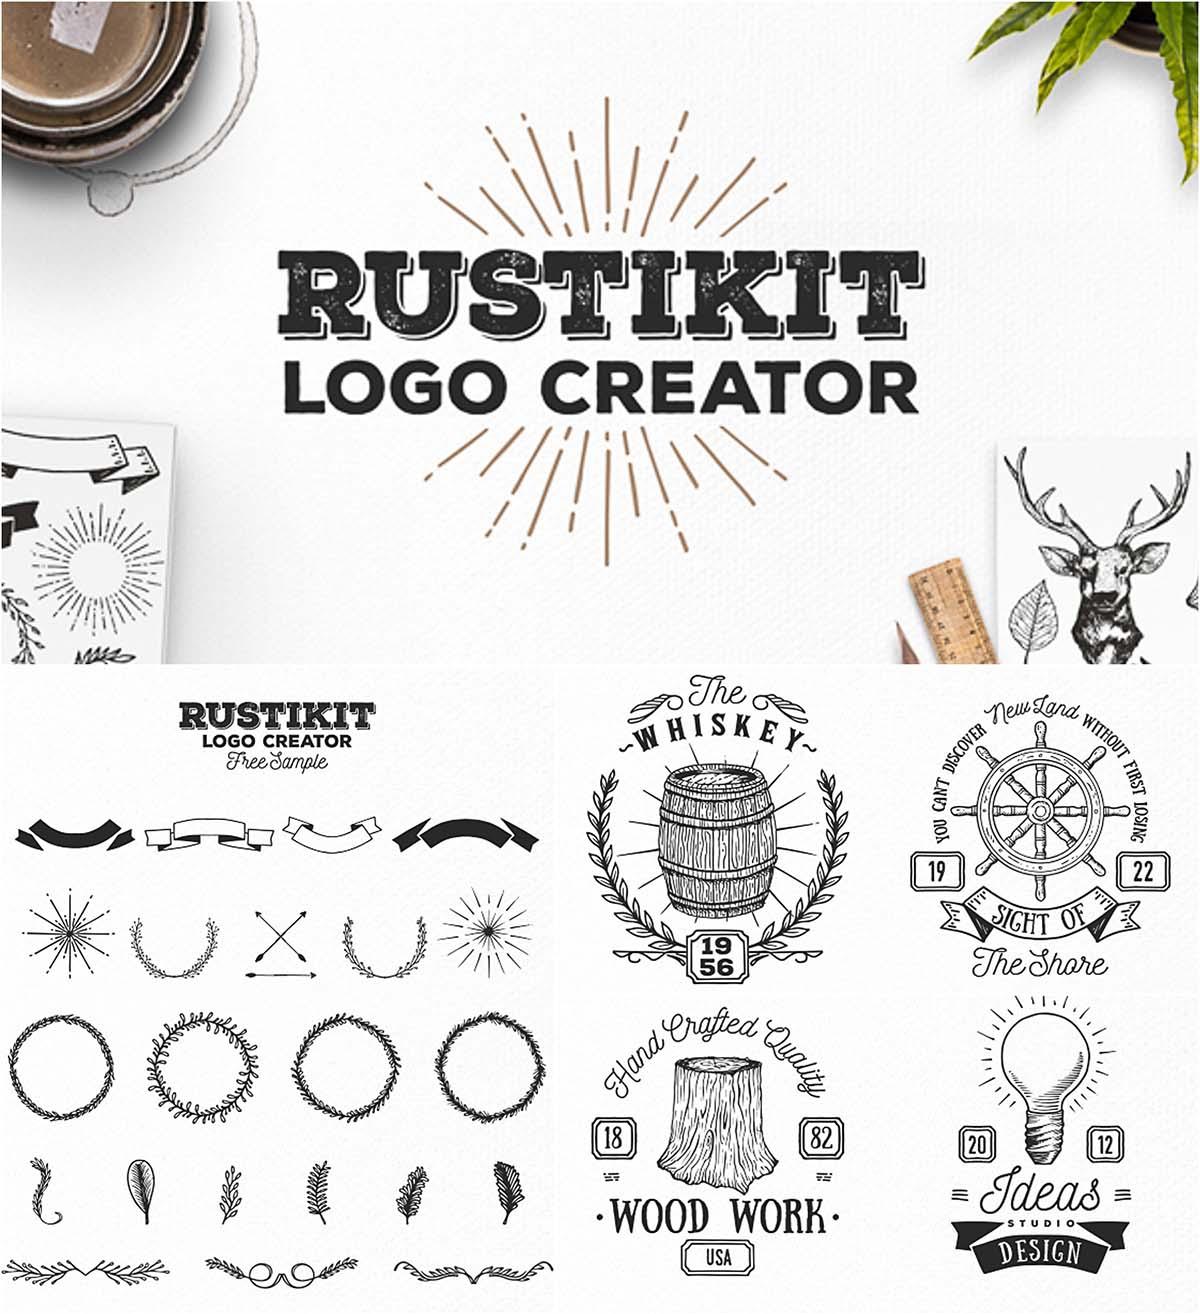 Rustikit logo creator set | Free download